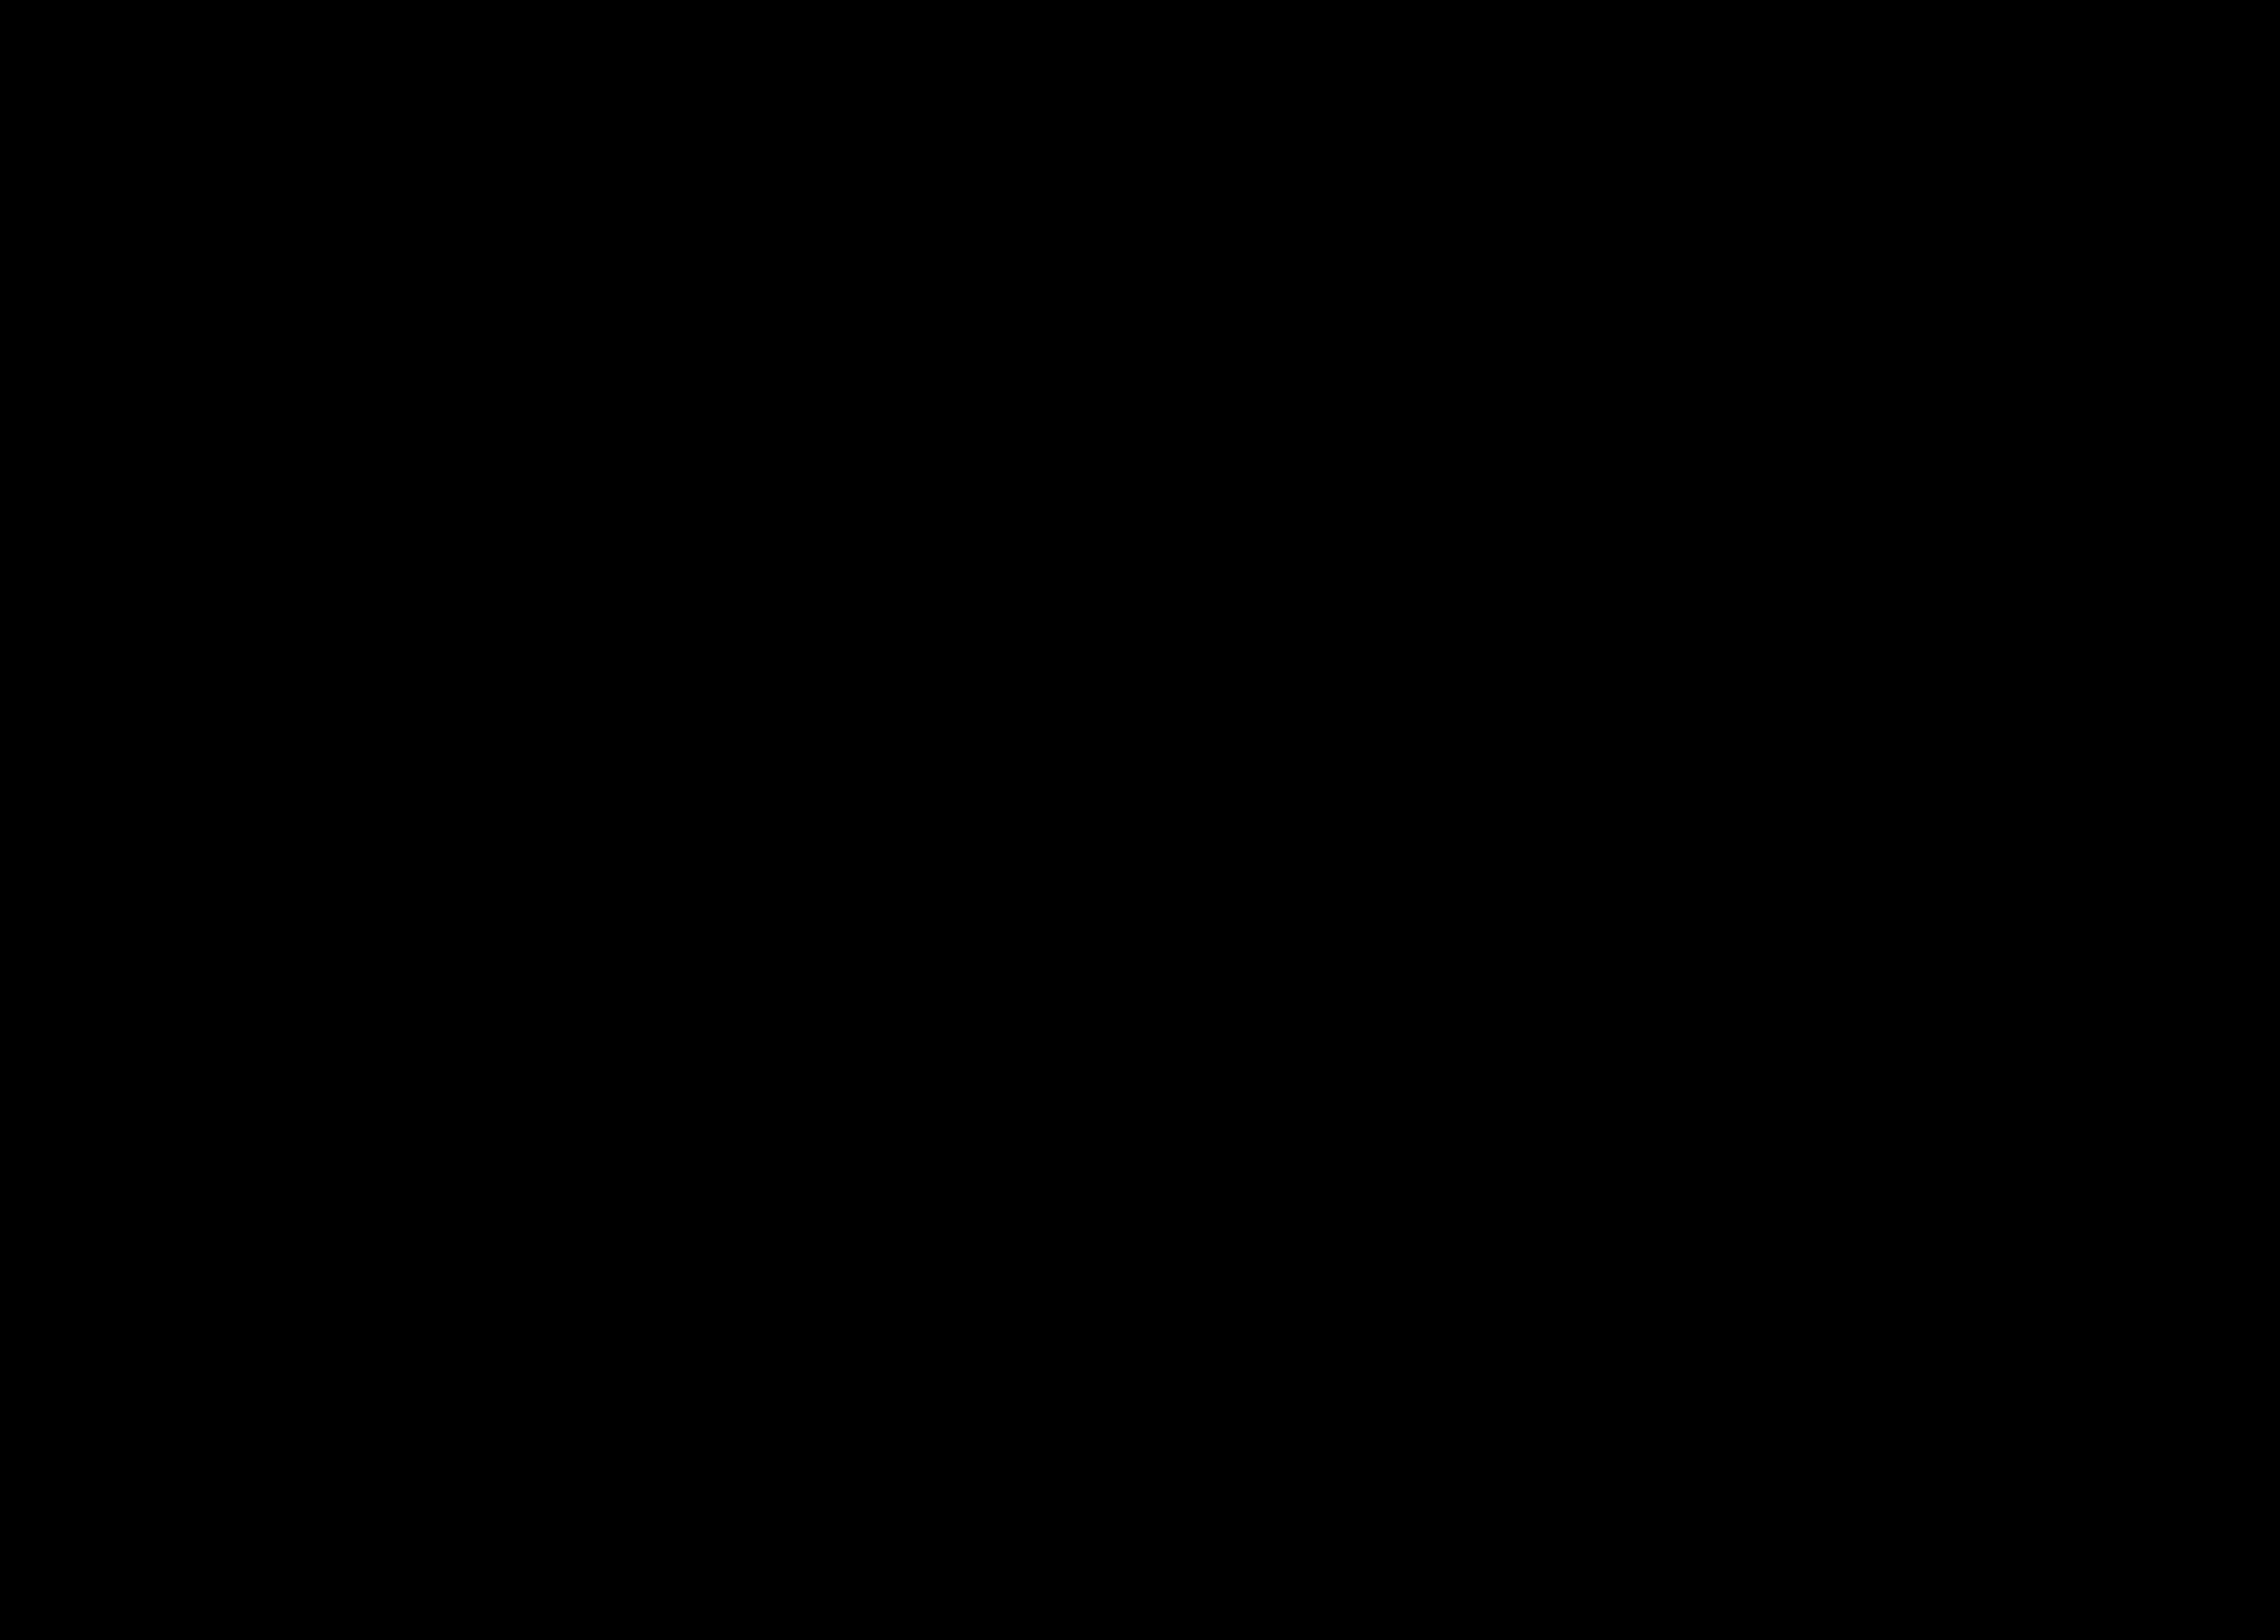 Szczegolowa Mapa Geologiczna Polski 1 50 000 Smgp Arkusz Tarnobrzeg